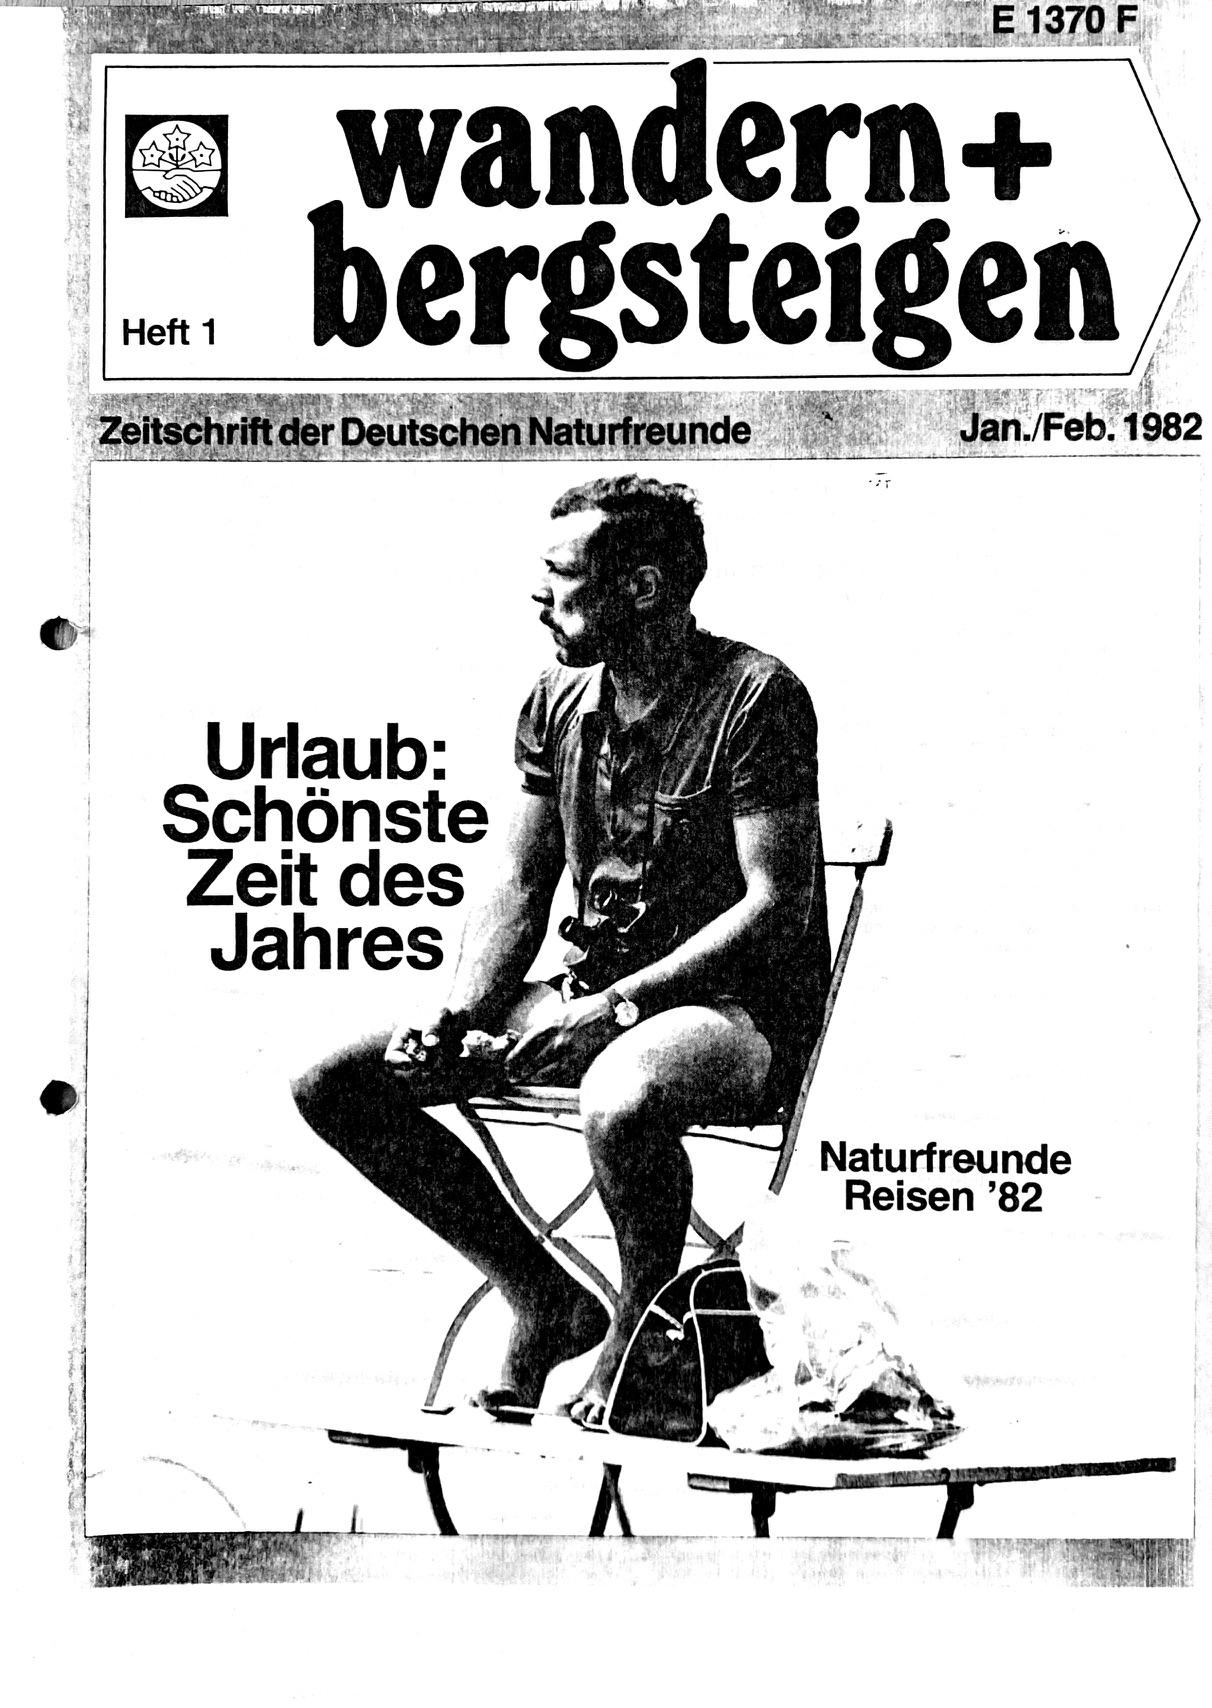 Wander und bergsteigen 1982